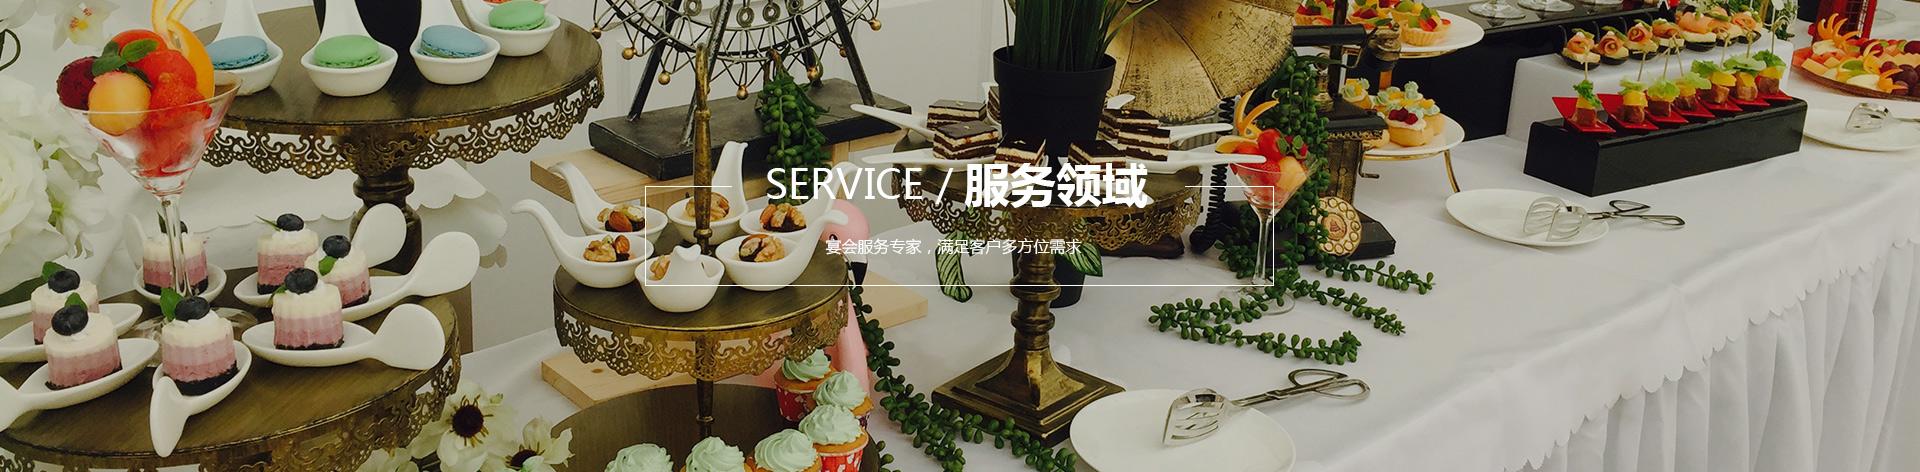 中西式自助餐